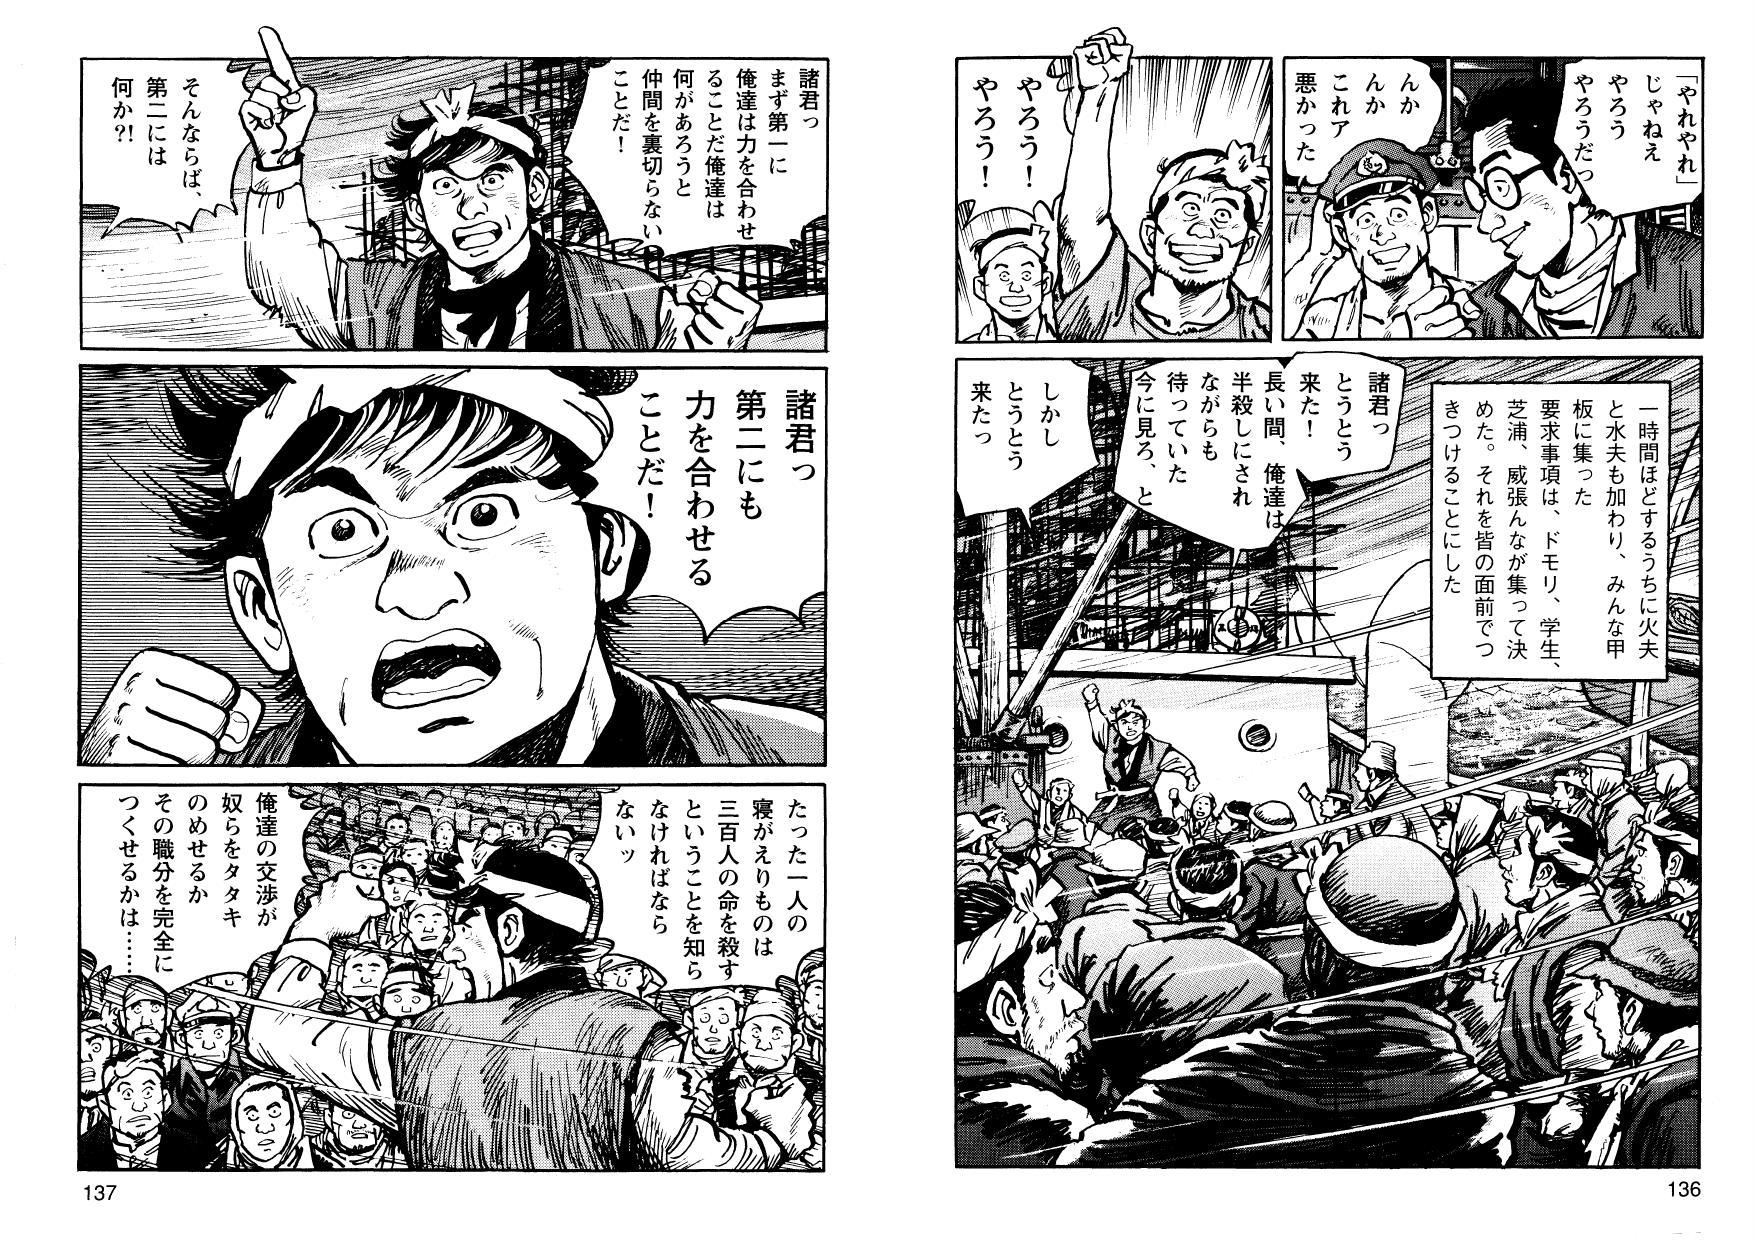 kani_cmc_000069.jpg